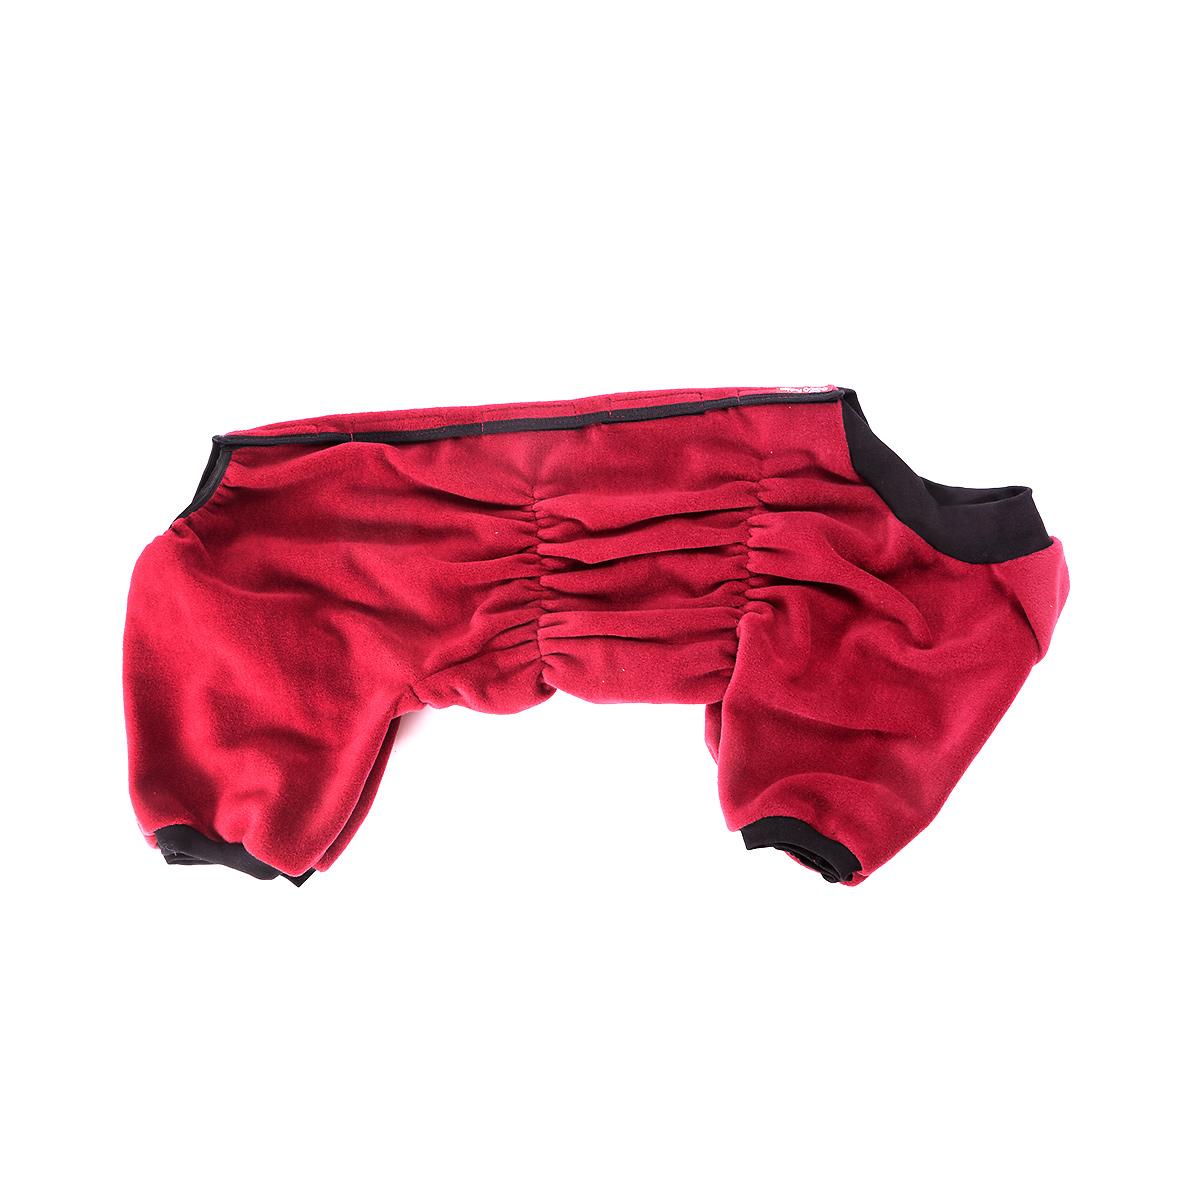 Комбинезон для собак OSSO Fashion, для девочки, цвет: бордовый. Размер 25Кф-1001Комбинезон для собак OSSO Fashion выполнен из флиса. Комфортная посадка по корпусу достигается за счет резинок-утяжек под грудью и животом. На воротнике имеются завязки, для дополнительной фиксации. Можно носить самостоятельно и как поддевку под комбинезон для собак. Изделие отлично стирается, быстро сохнет. Длина спинки: 25 см. Объем груди: 30-38 см.